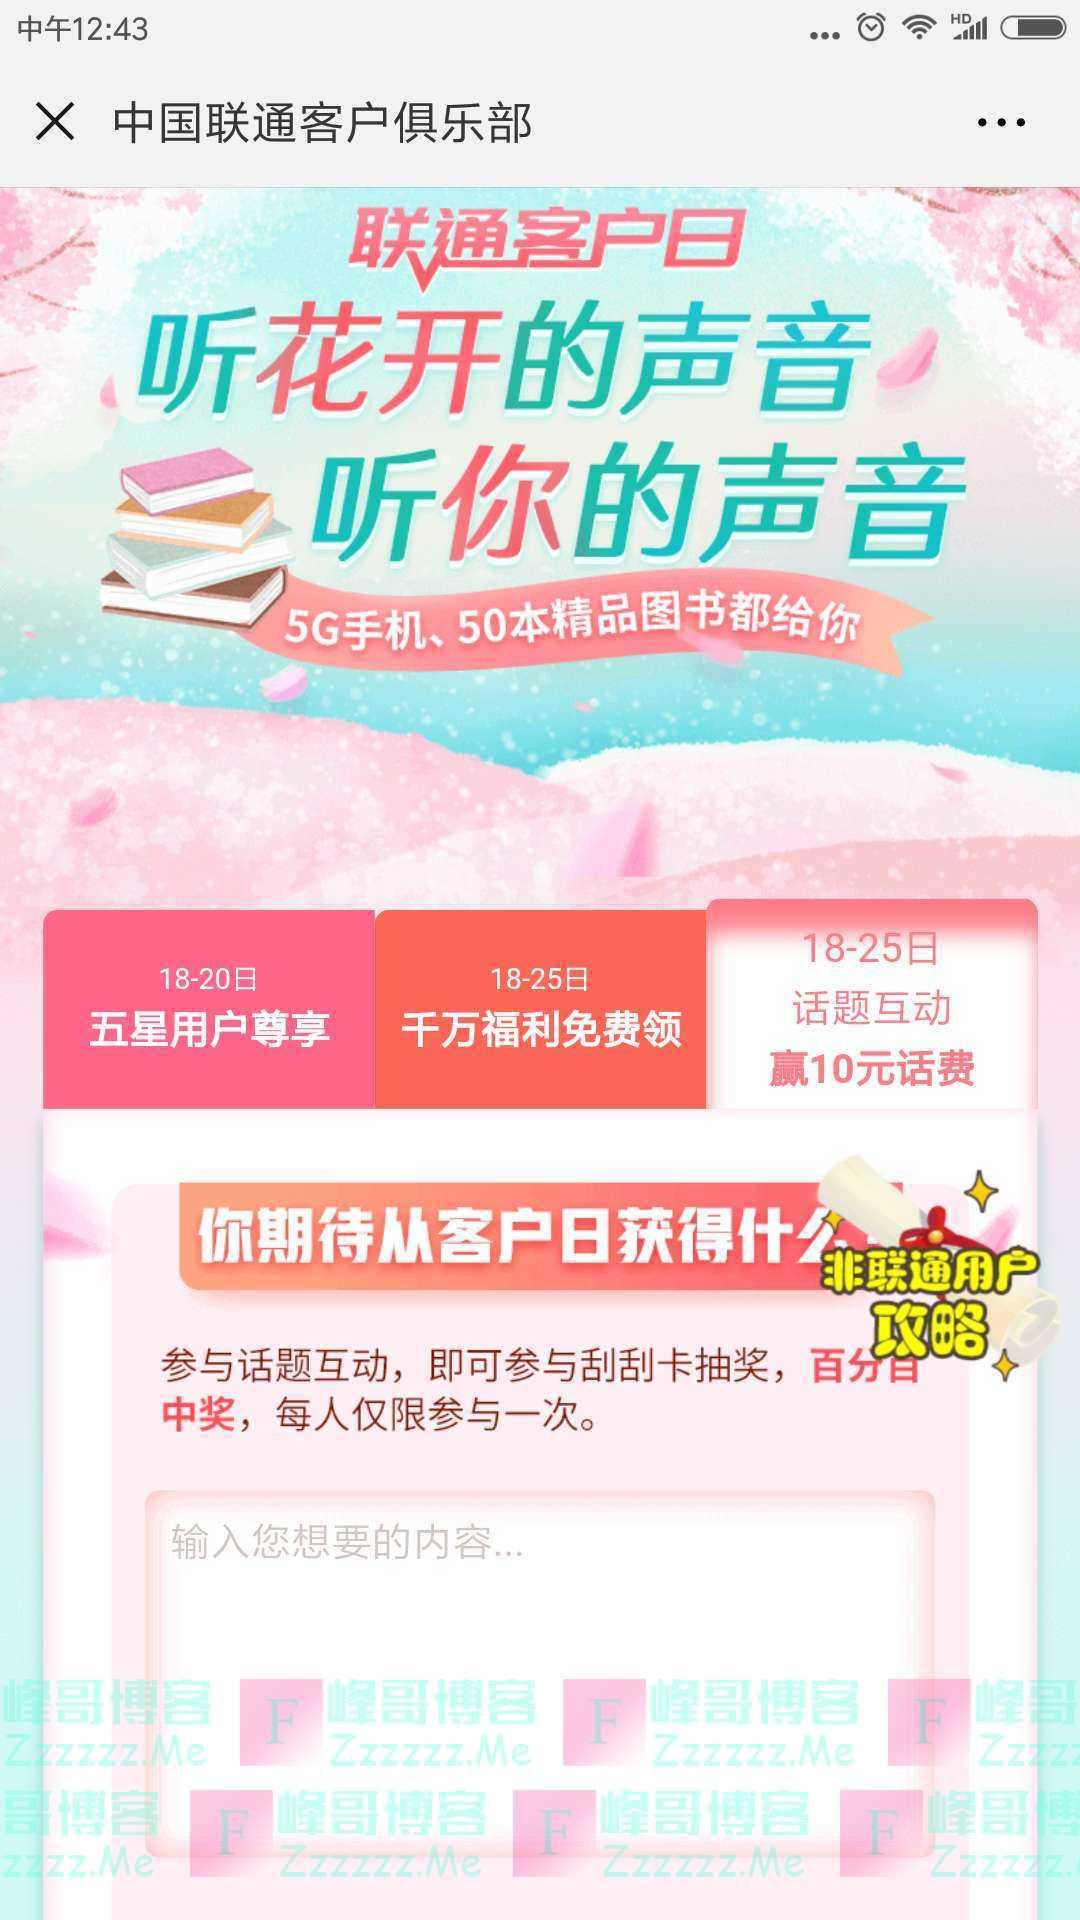 中国联通客服话题互动赢10元话费(截止4月25日)